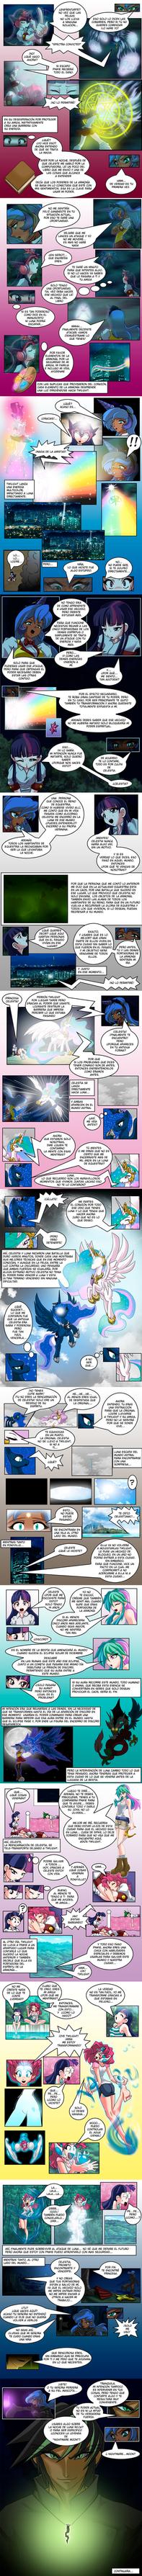 la magia de la amistad 01: parte 2 by mauroz